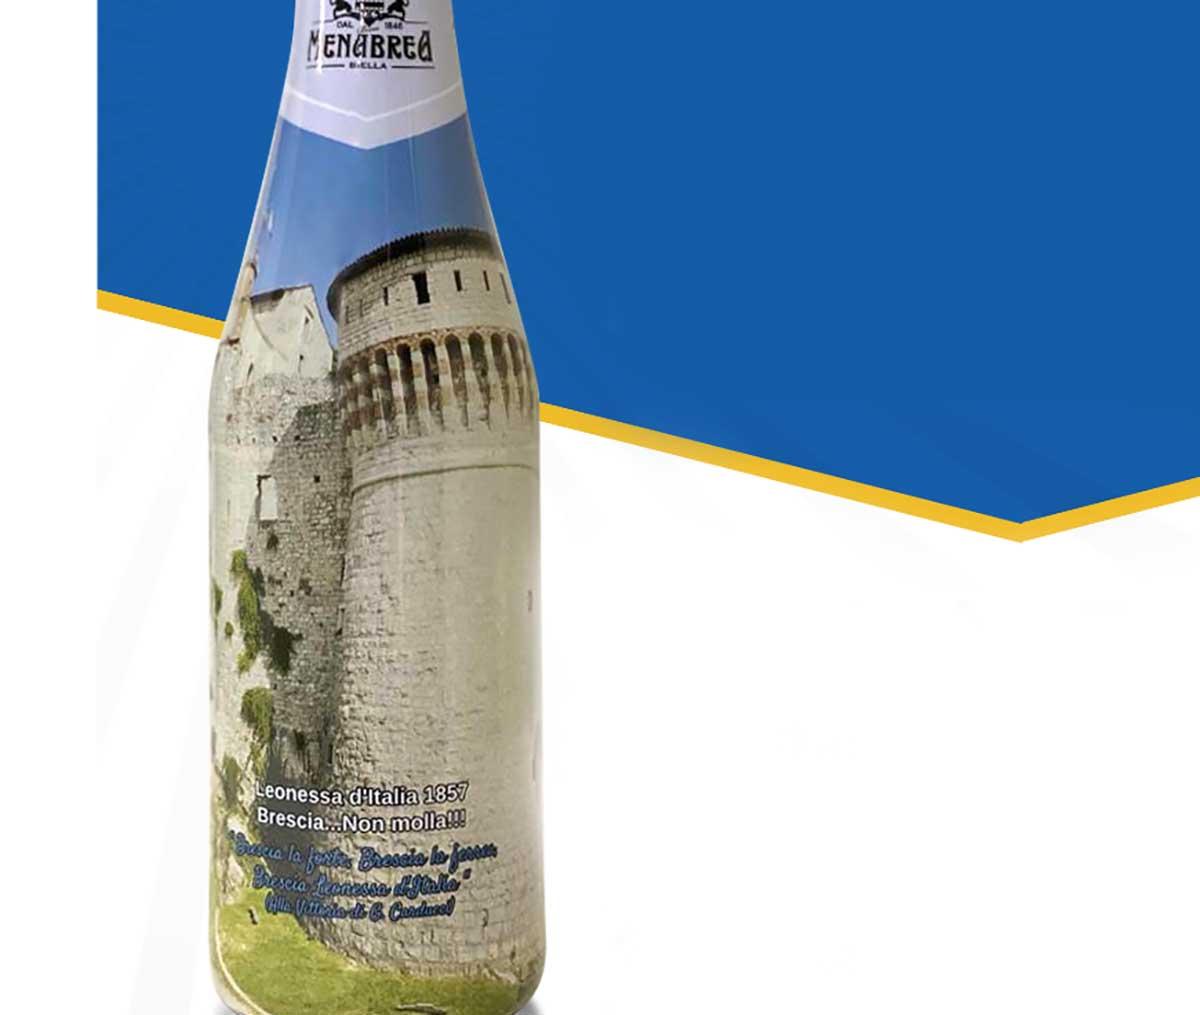 Menabrea celebra la Leonessa d'Italia con una birra speciale in edizione limitata